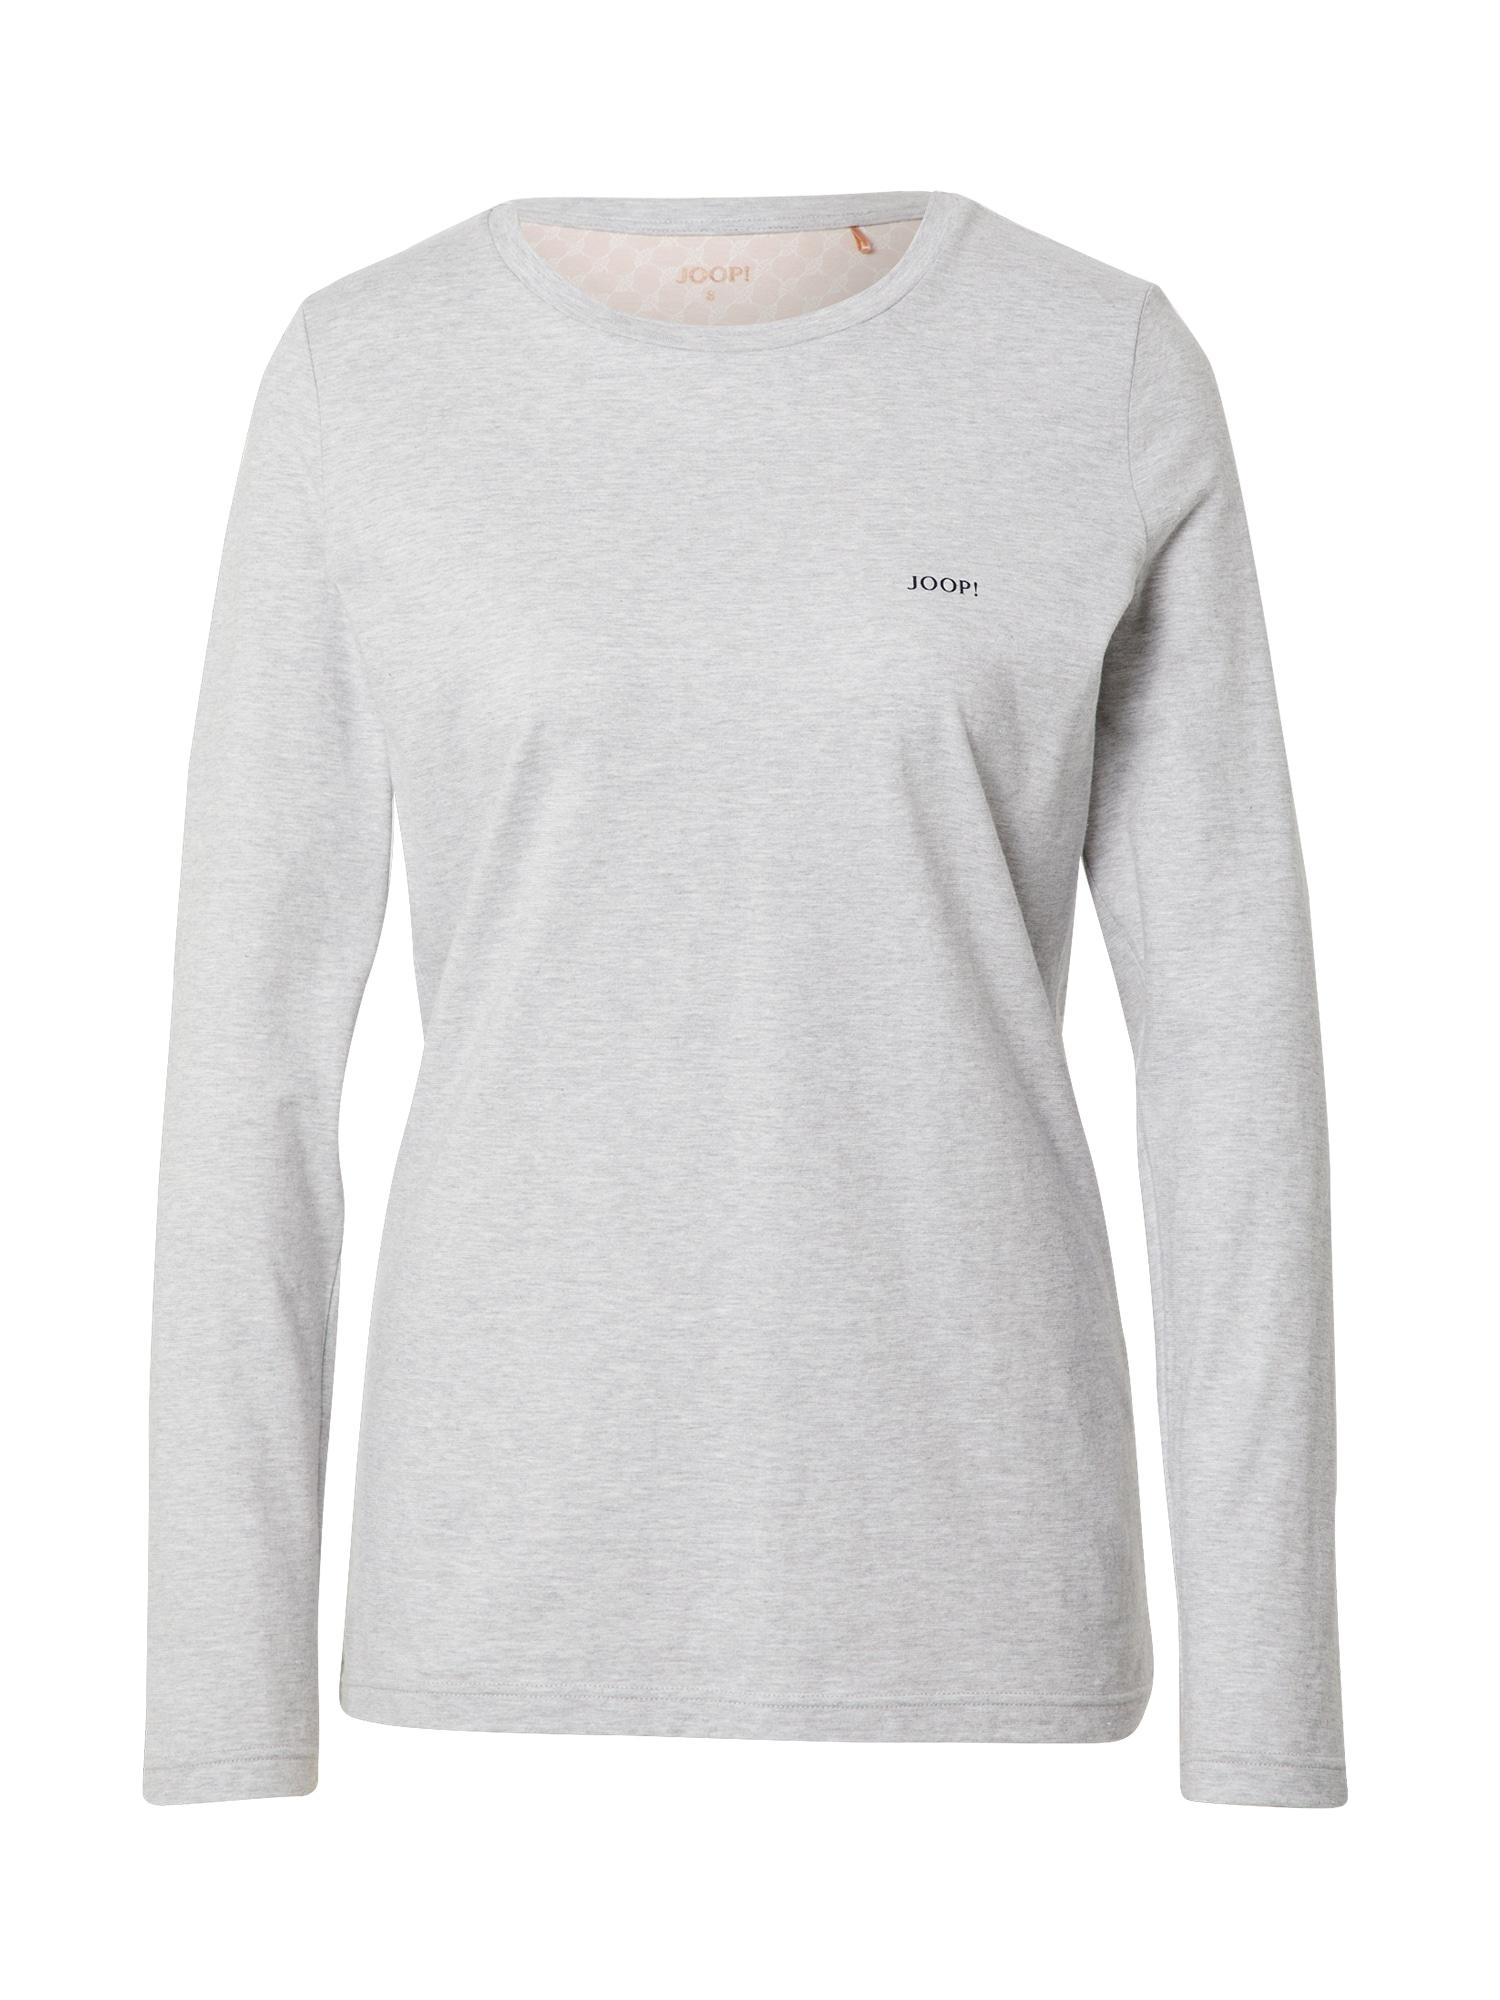 JOOP! Bodywear Pižaminiai marškinėliai margai pilka